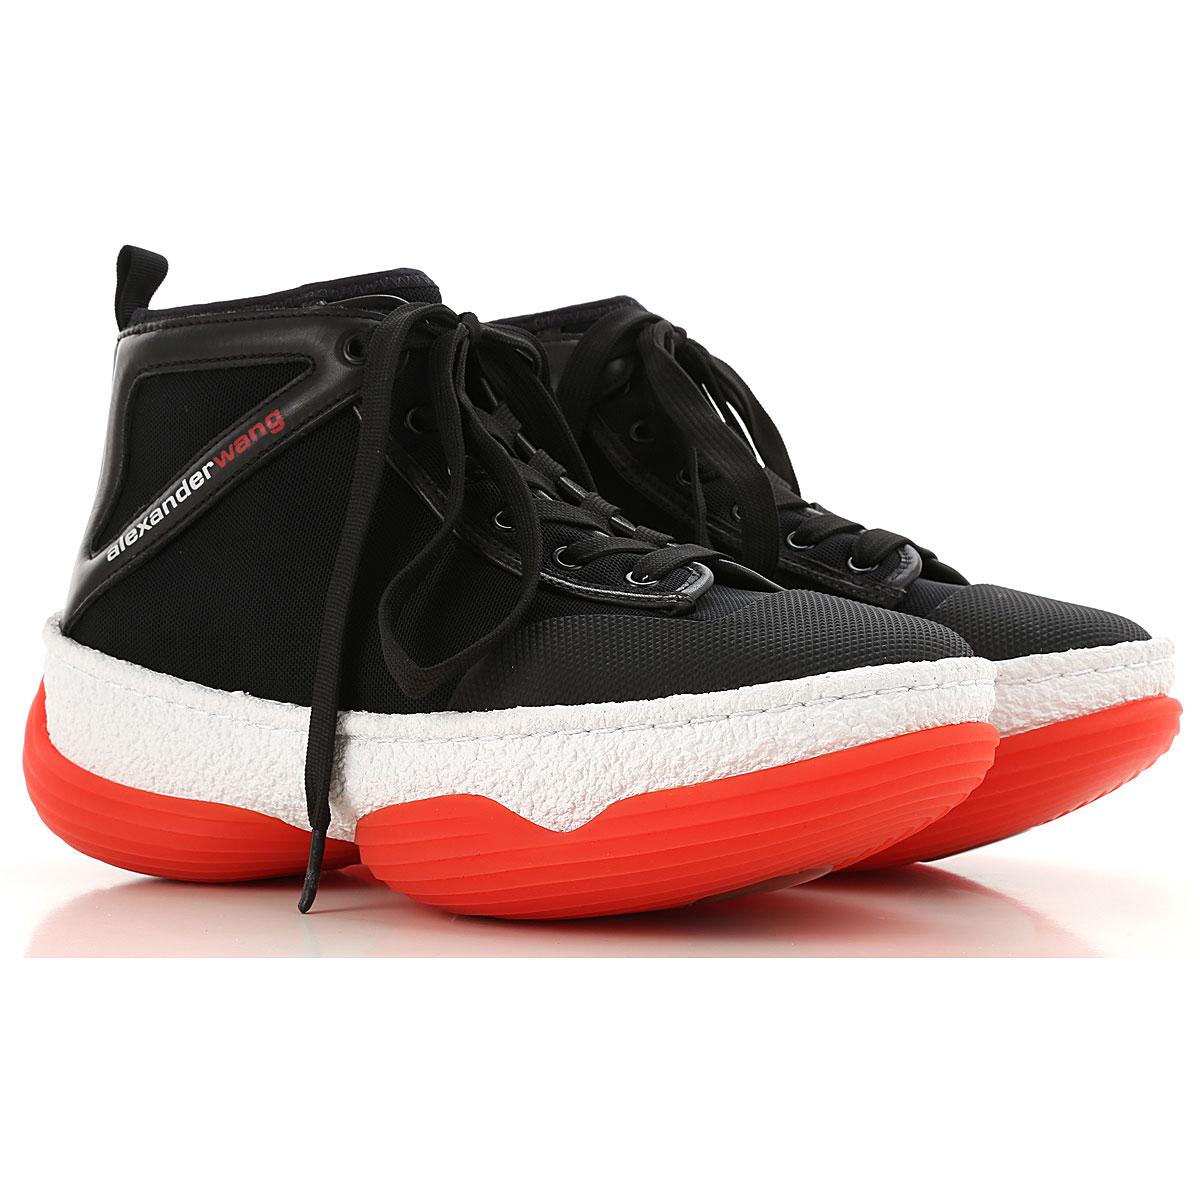 Alexander Wang Sneaker Femme, Noir, Tissu, 2017, 35 35.5 36 36.5 37 37.5 38 39